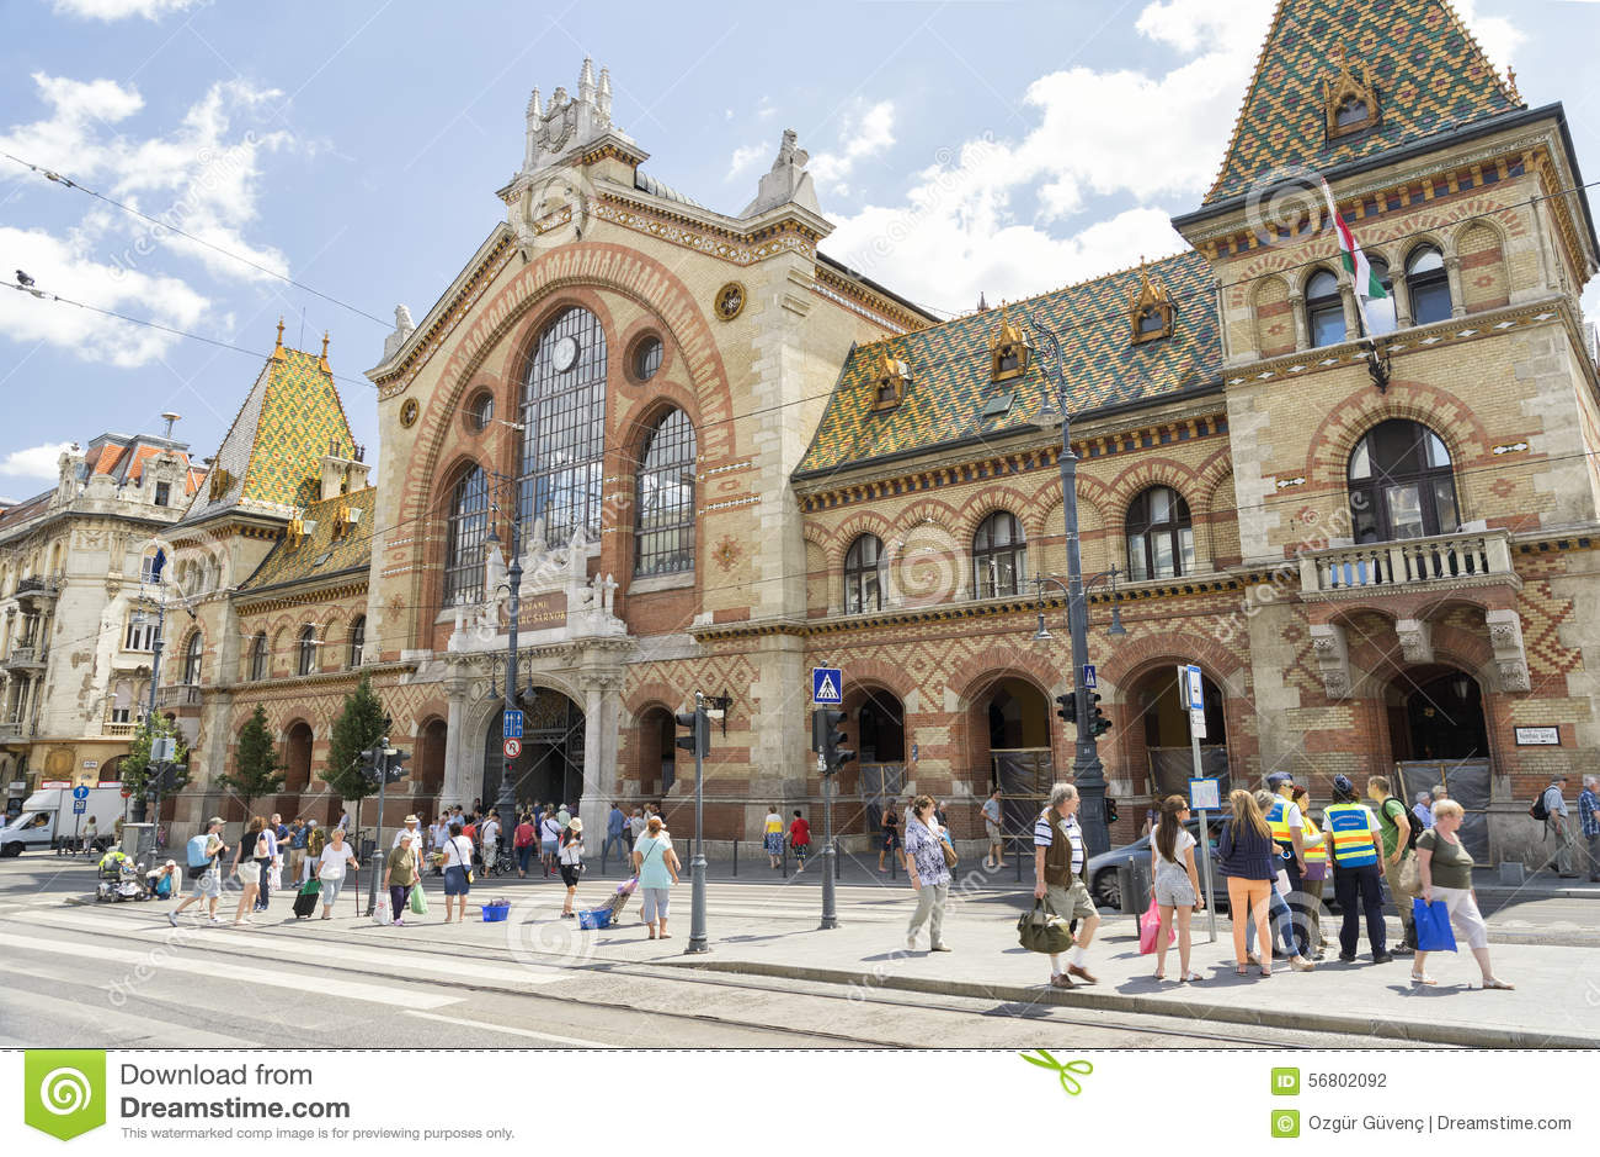 Μεγάλη αίθουσα αγοράς, Βουδαπέστη, Ουγγαρία